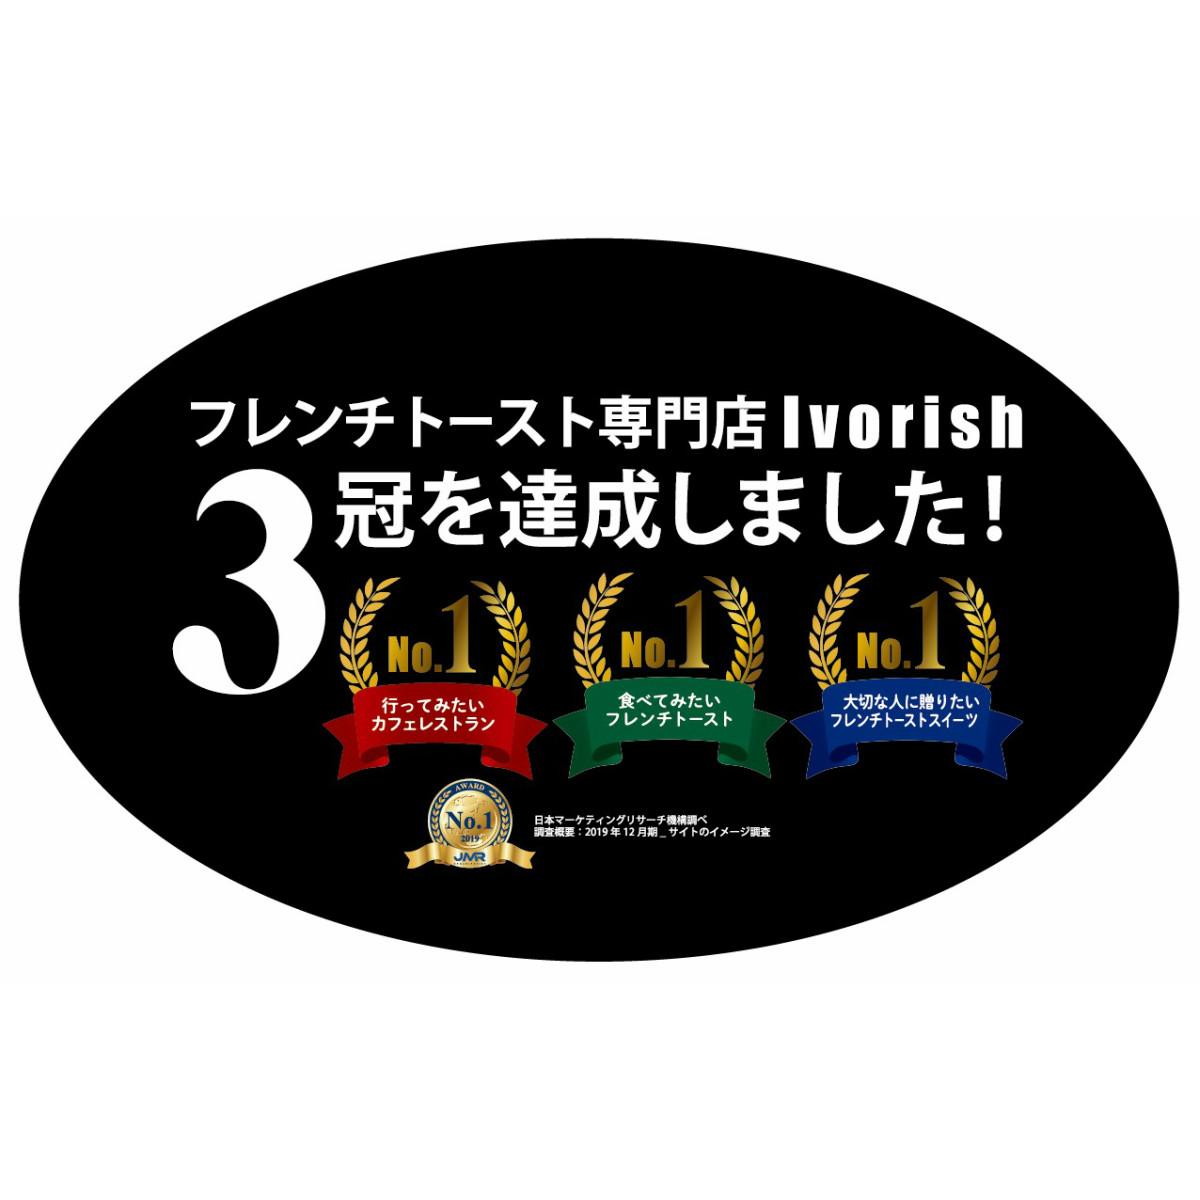 プレミアムコンビ (24個入り)(福岡便)